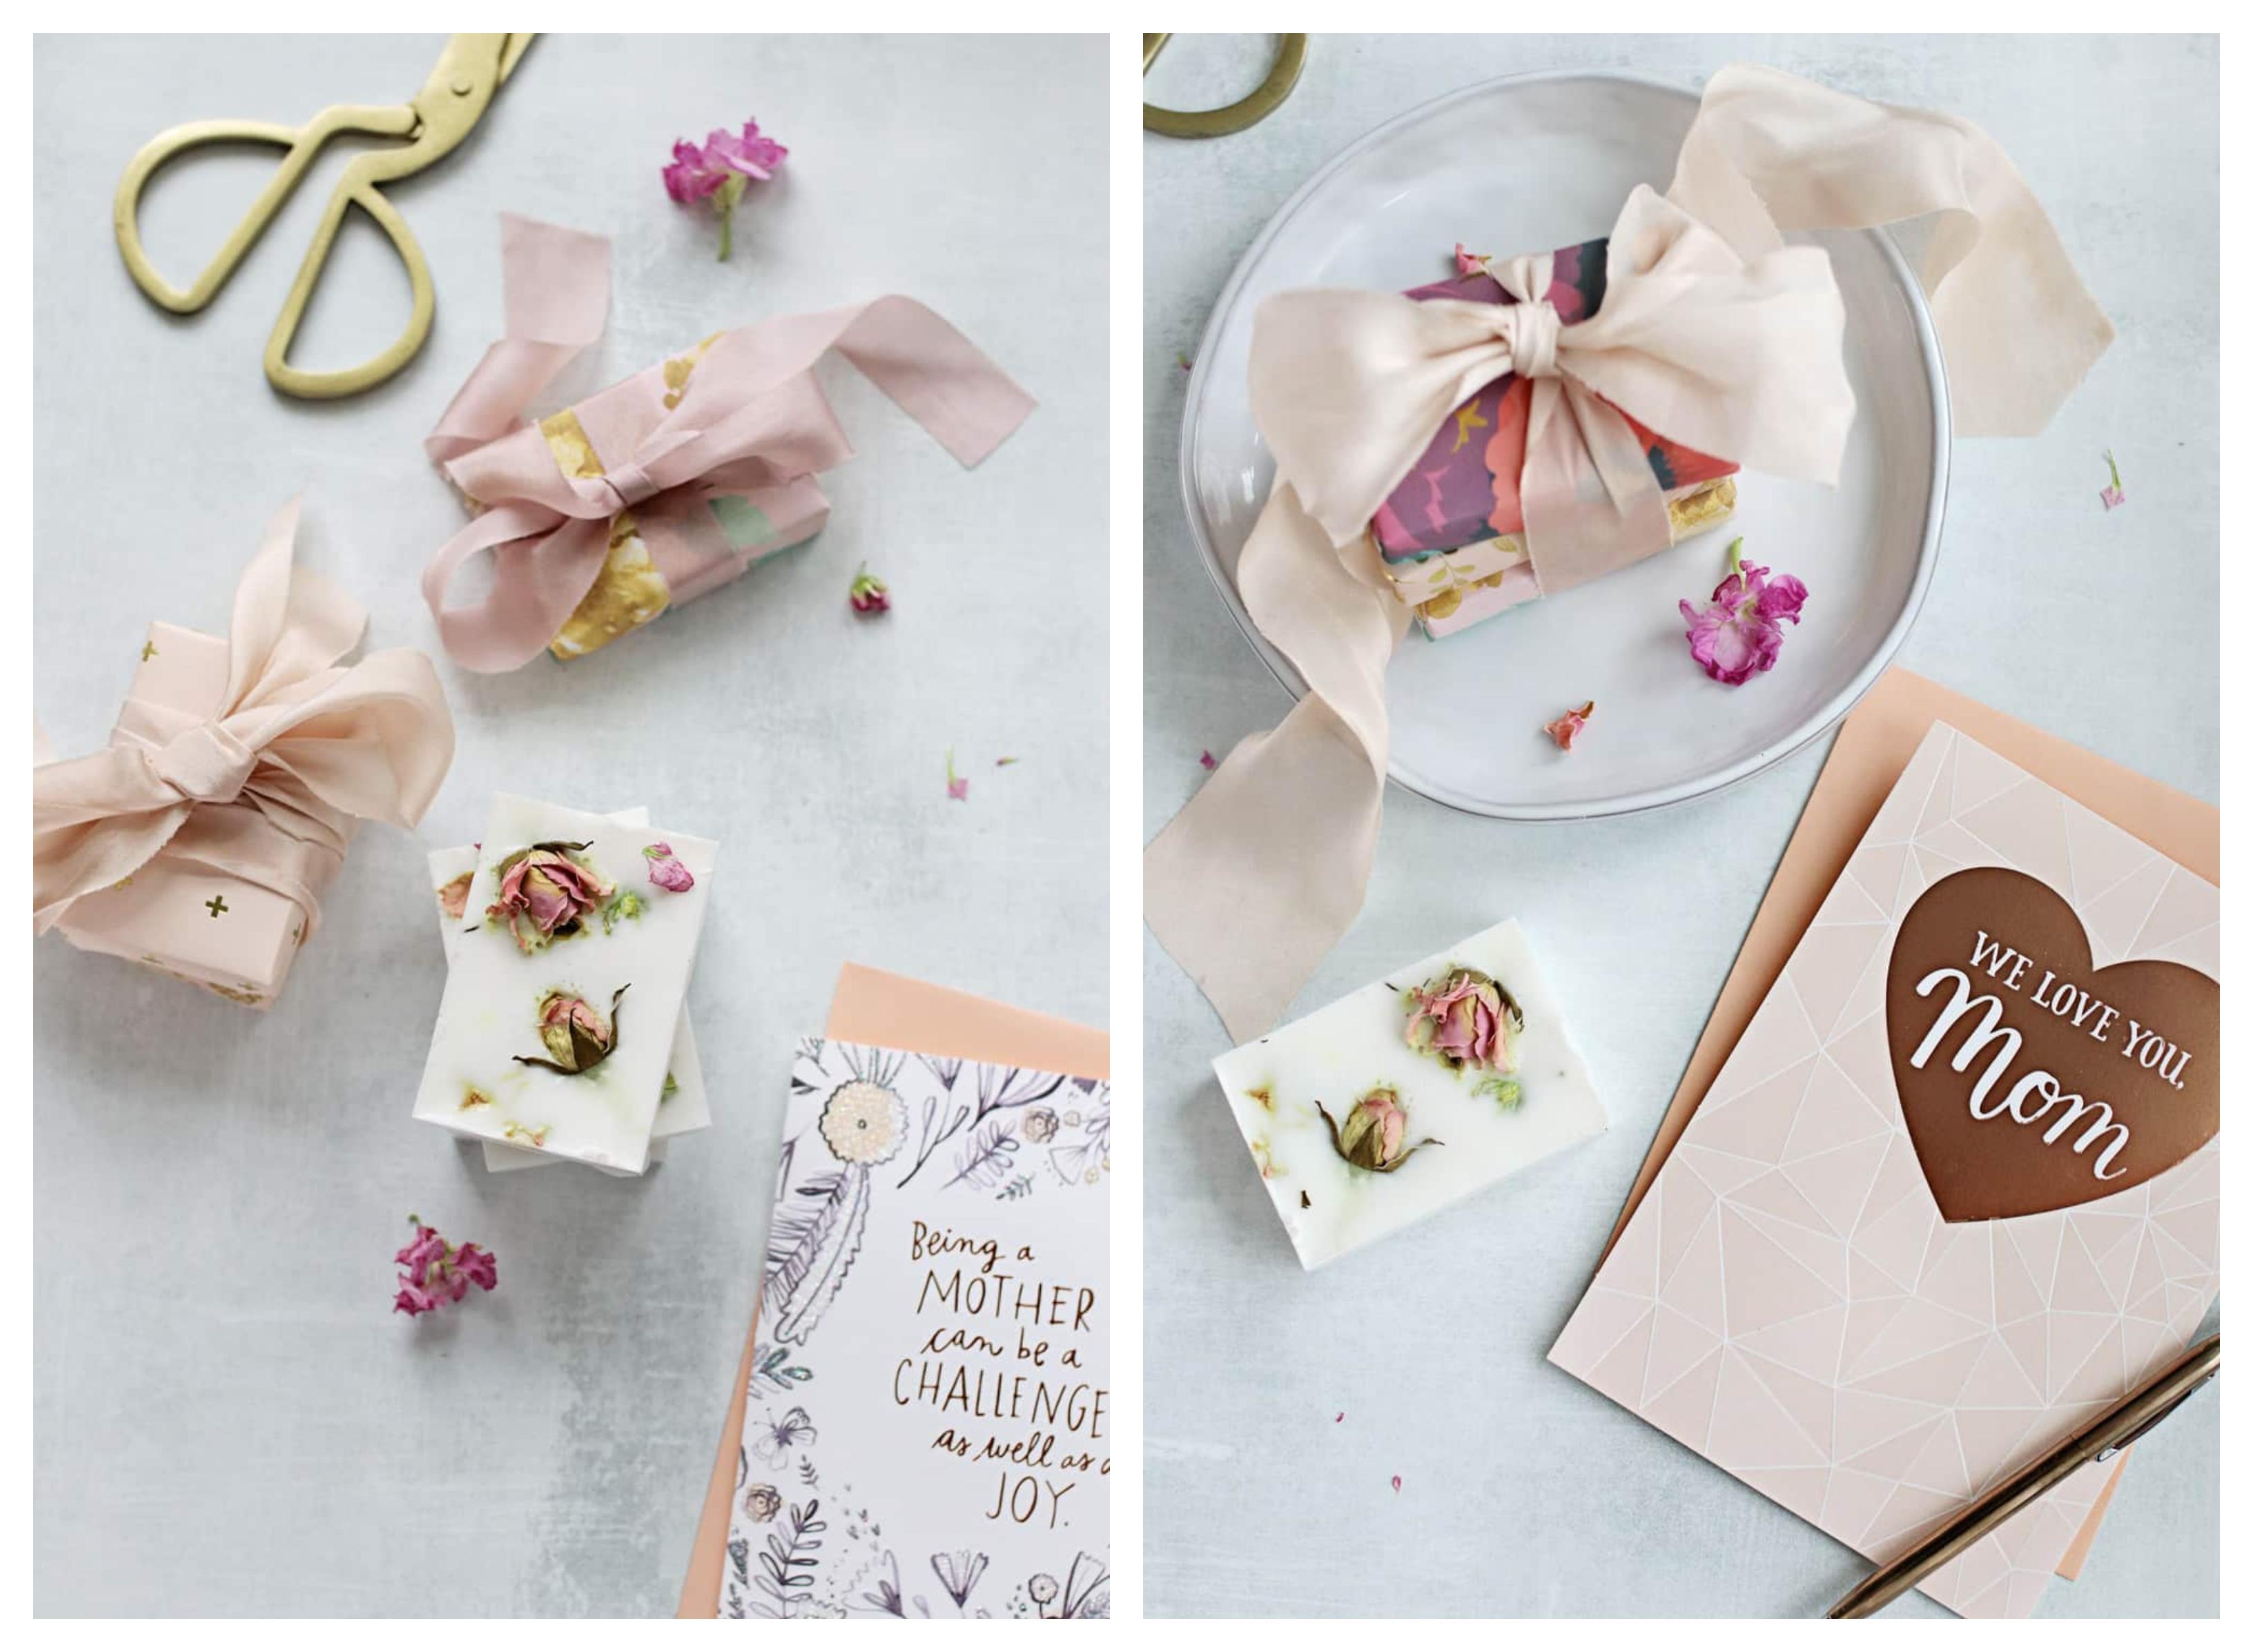 idée cadeau meilleure amie diy ou cadeau fete des meres a fabriquer soi meme avec savon au lait de chèvre et des pétales de roses séchées